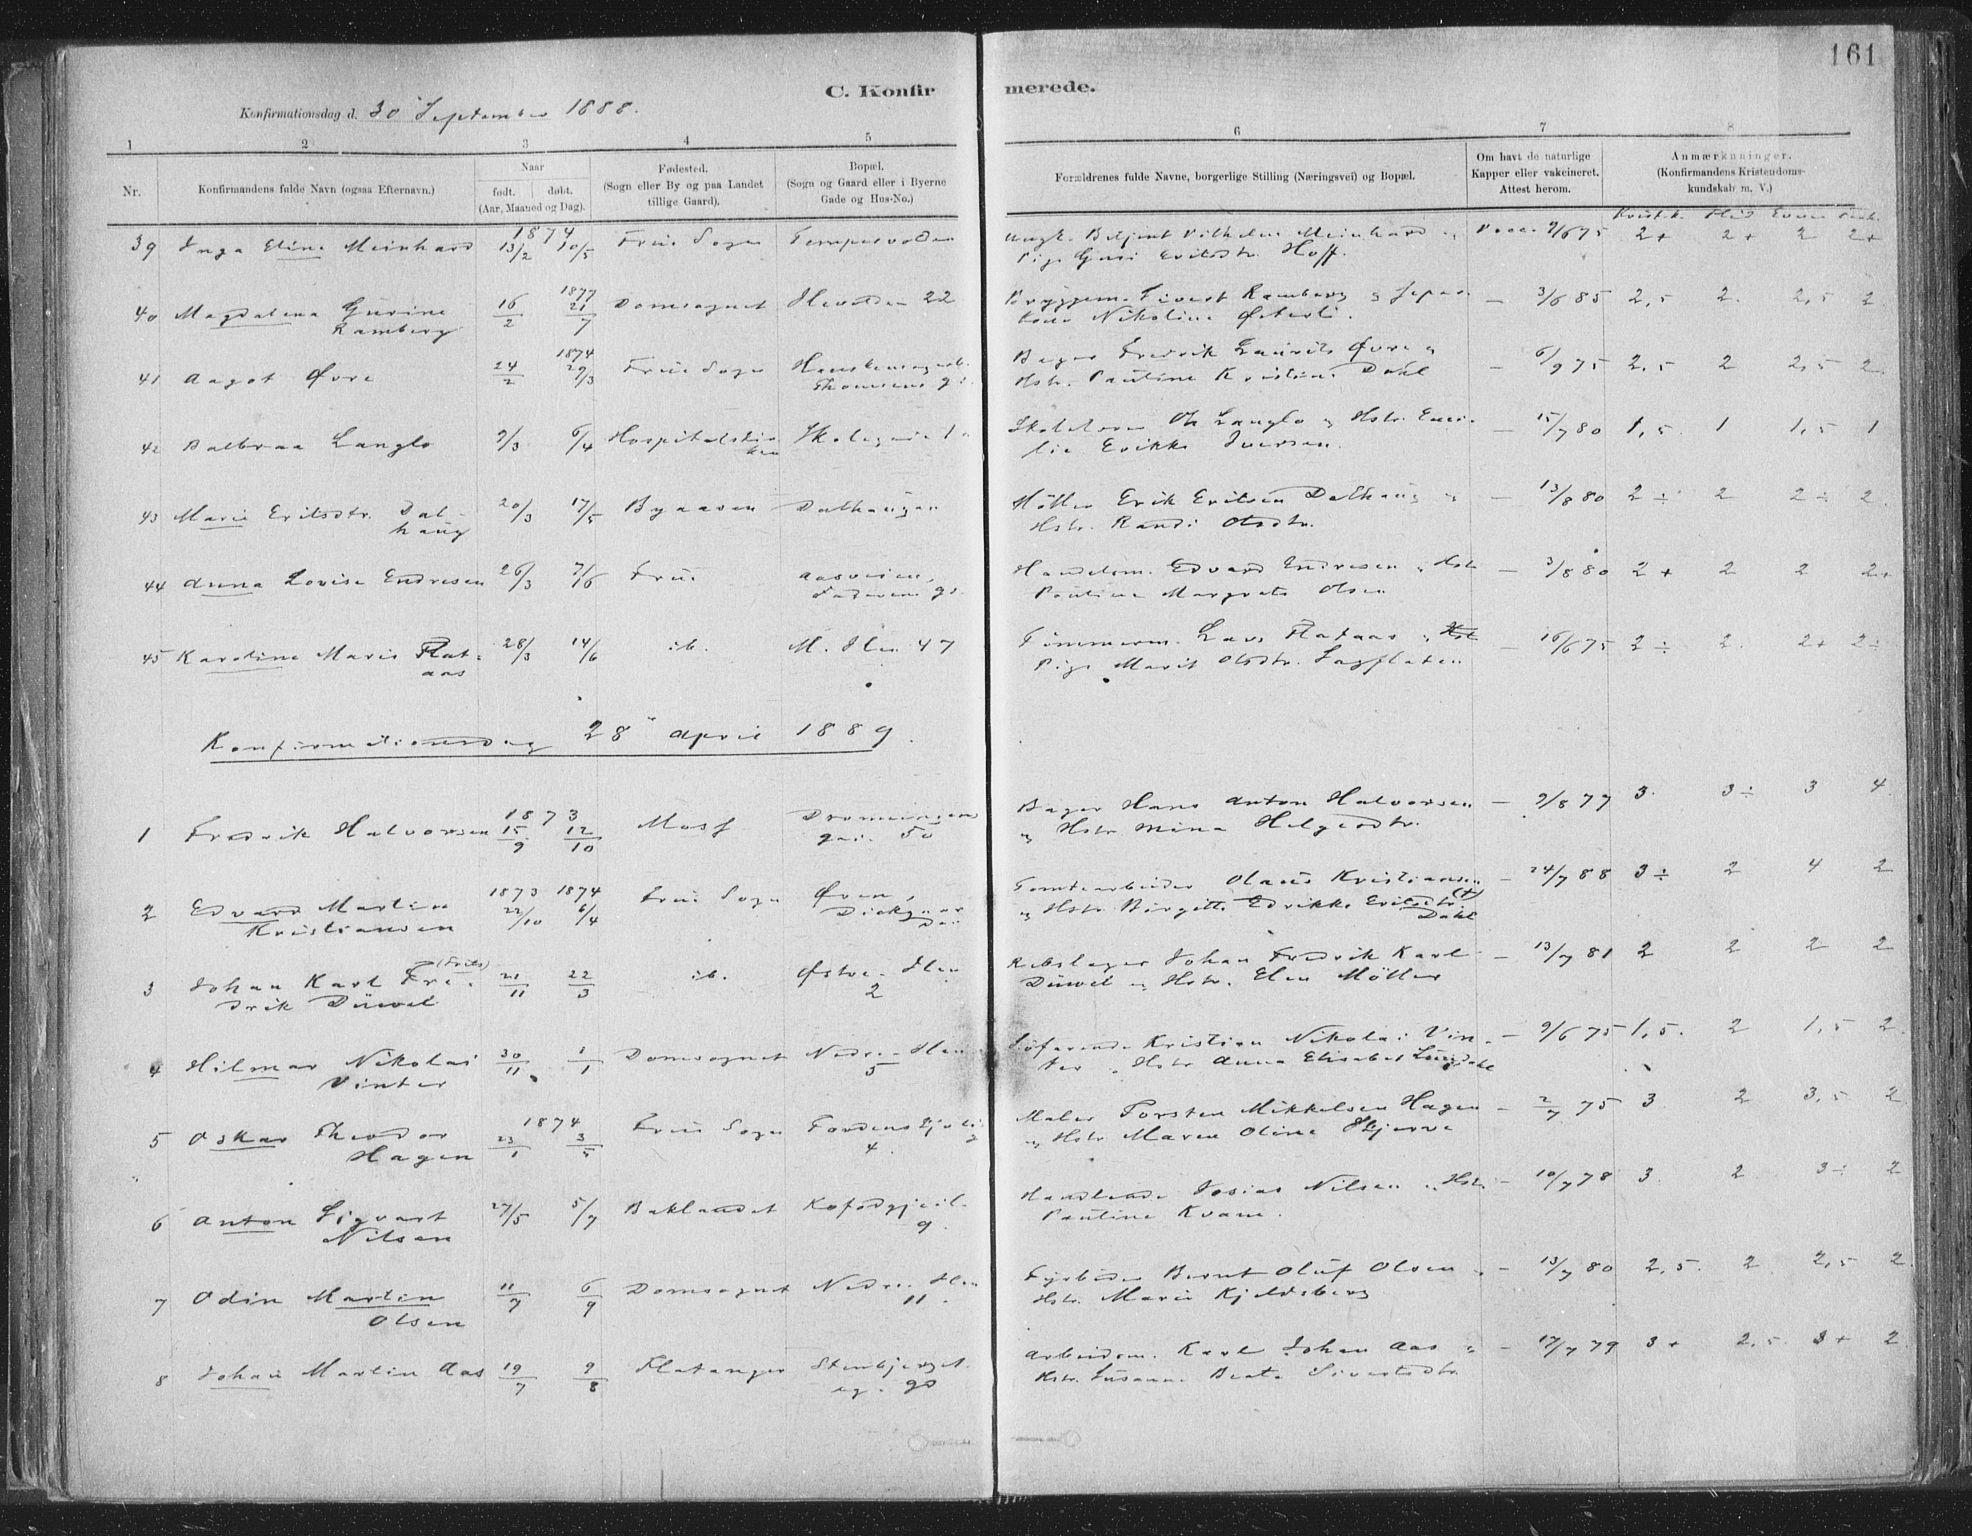 SAT, Ministerialprotokoller, klokkerbøker og fødselsregistre - Sør-Trøndelag, 603/L0162: Ministerialbok nr. 603A01, 1879-1895, s. 161